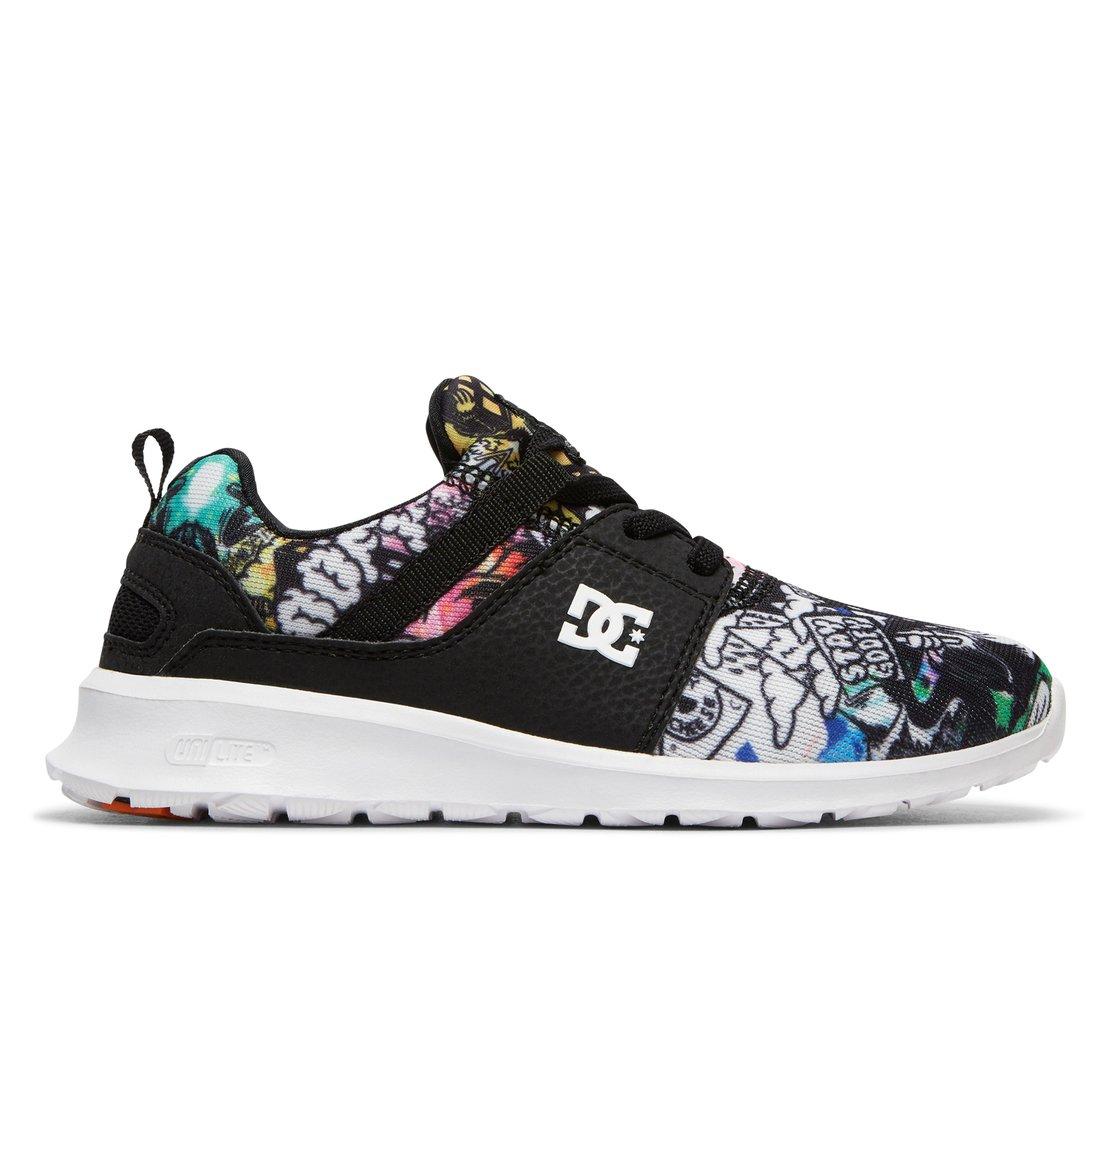 DC Shoes Heathrow - Shoes - Schuhe - Jungen - EU 32.5 - Schwarz J1Hq5z